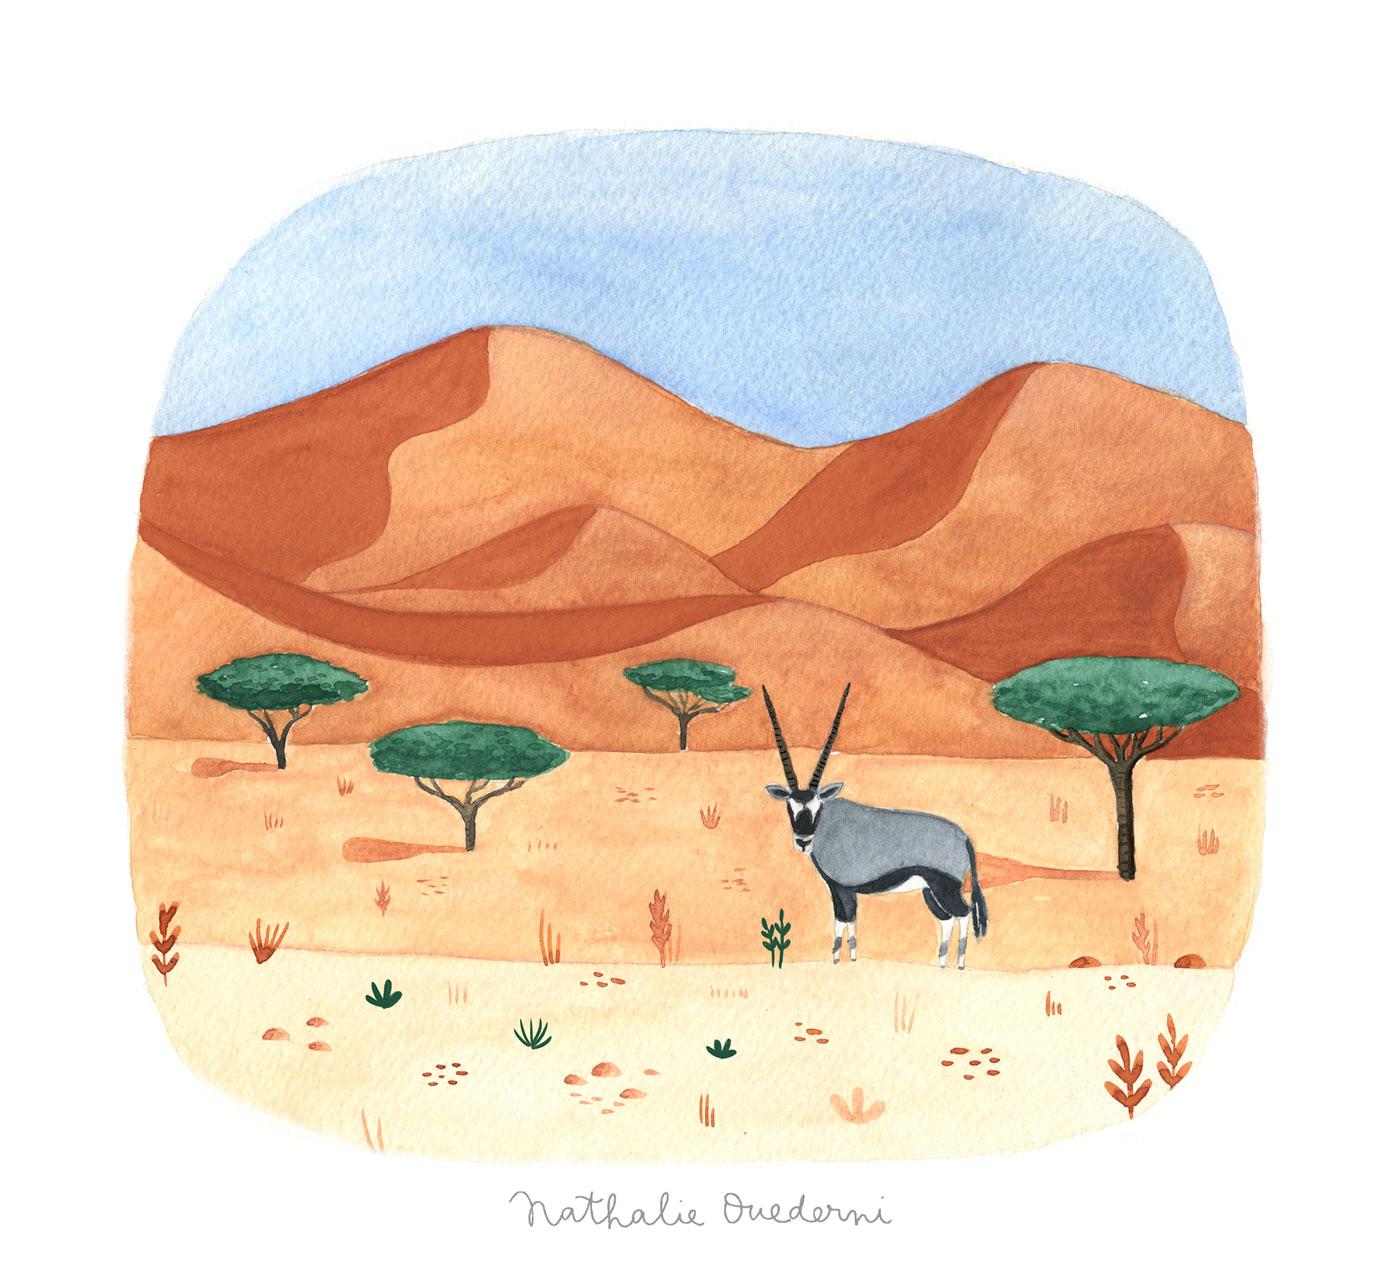 Namibia illustration